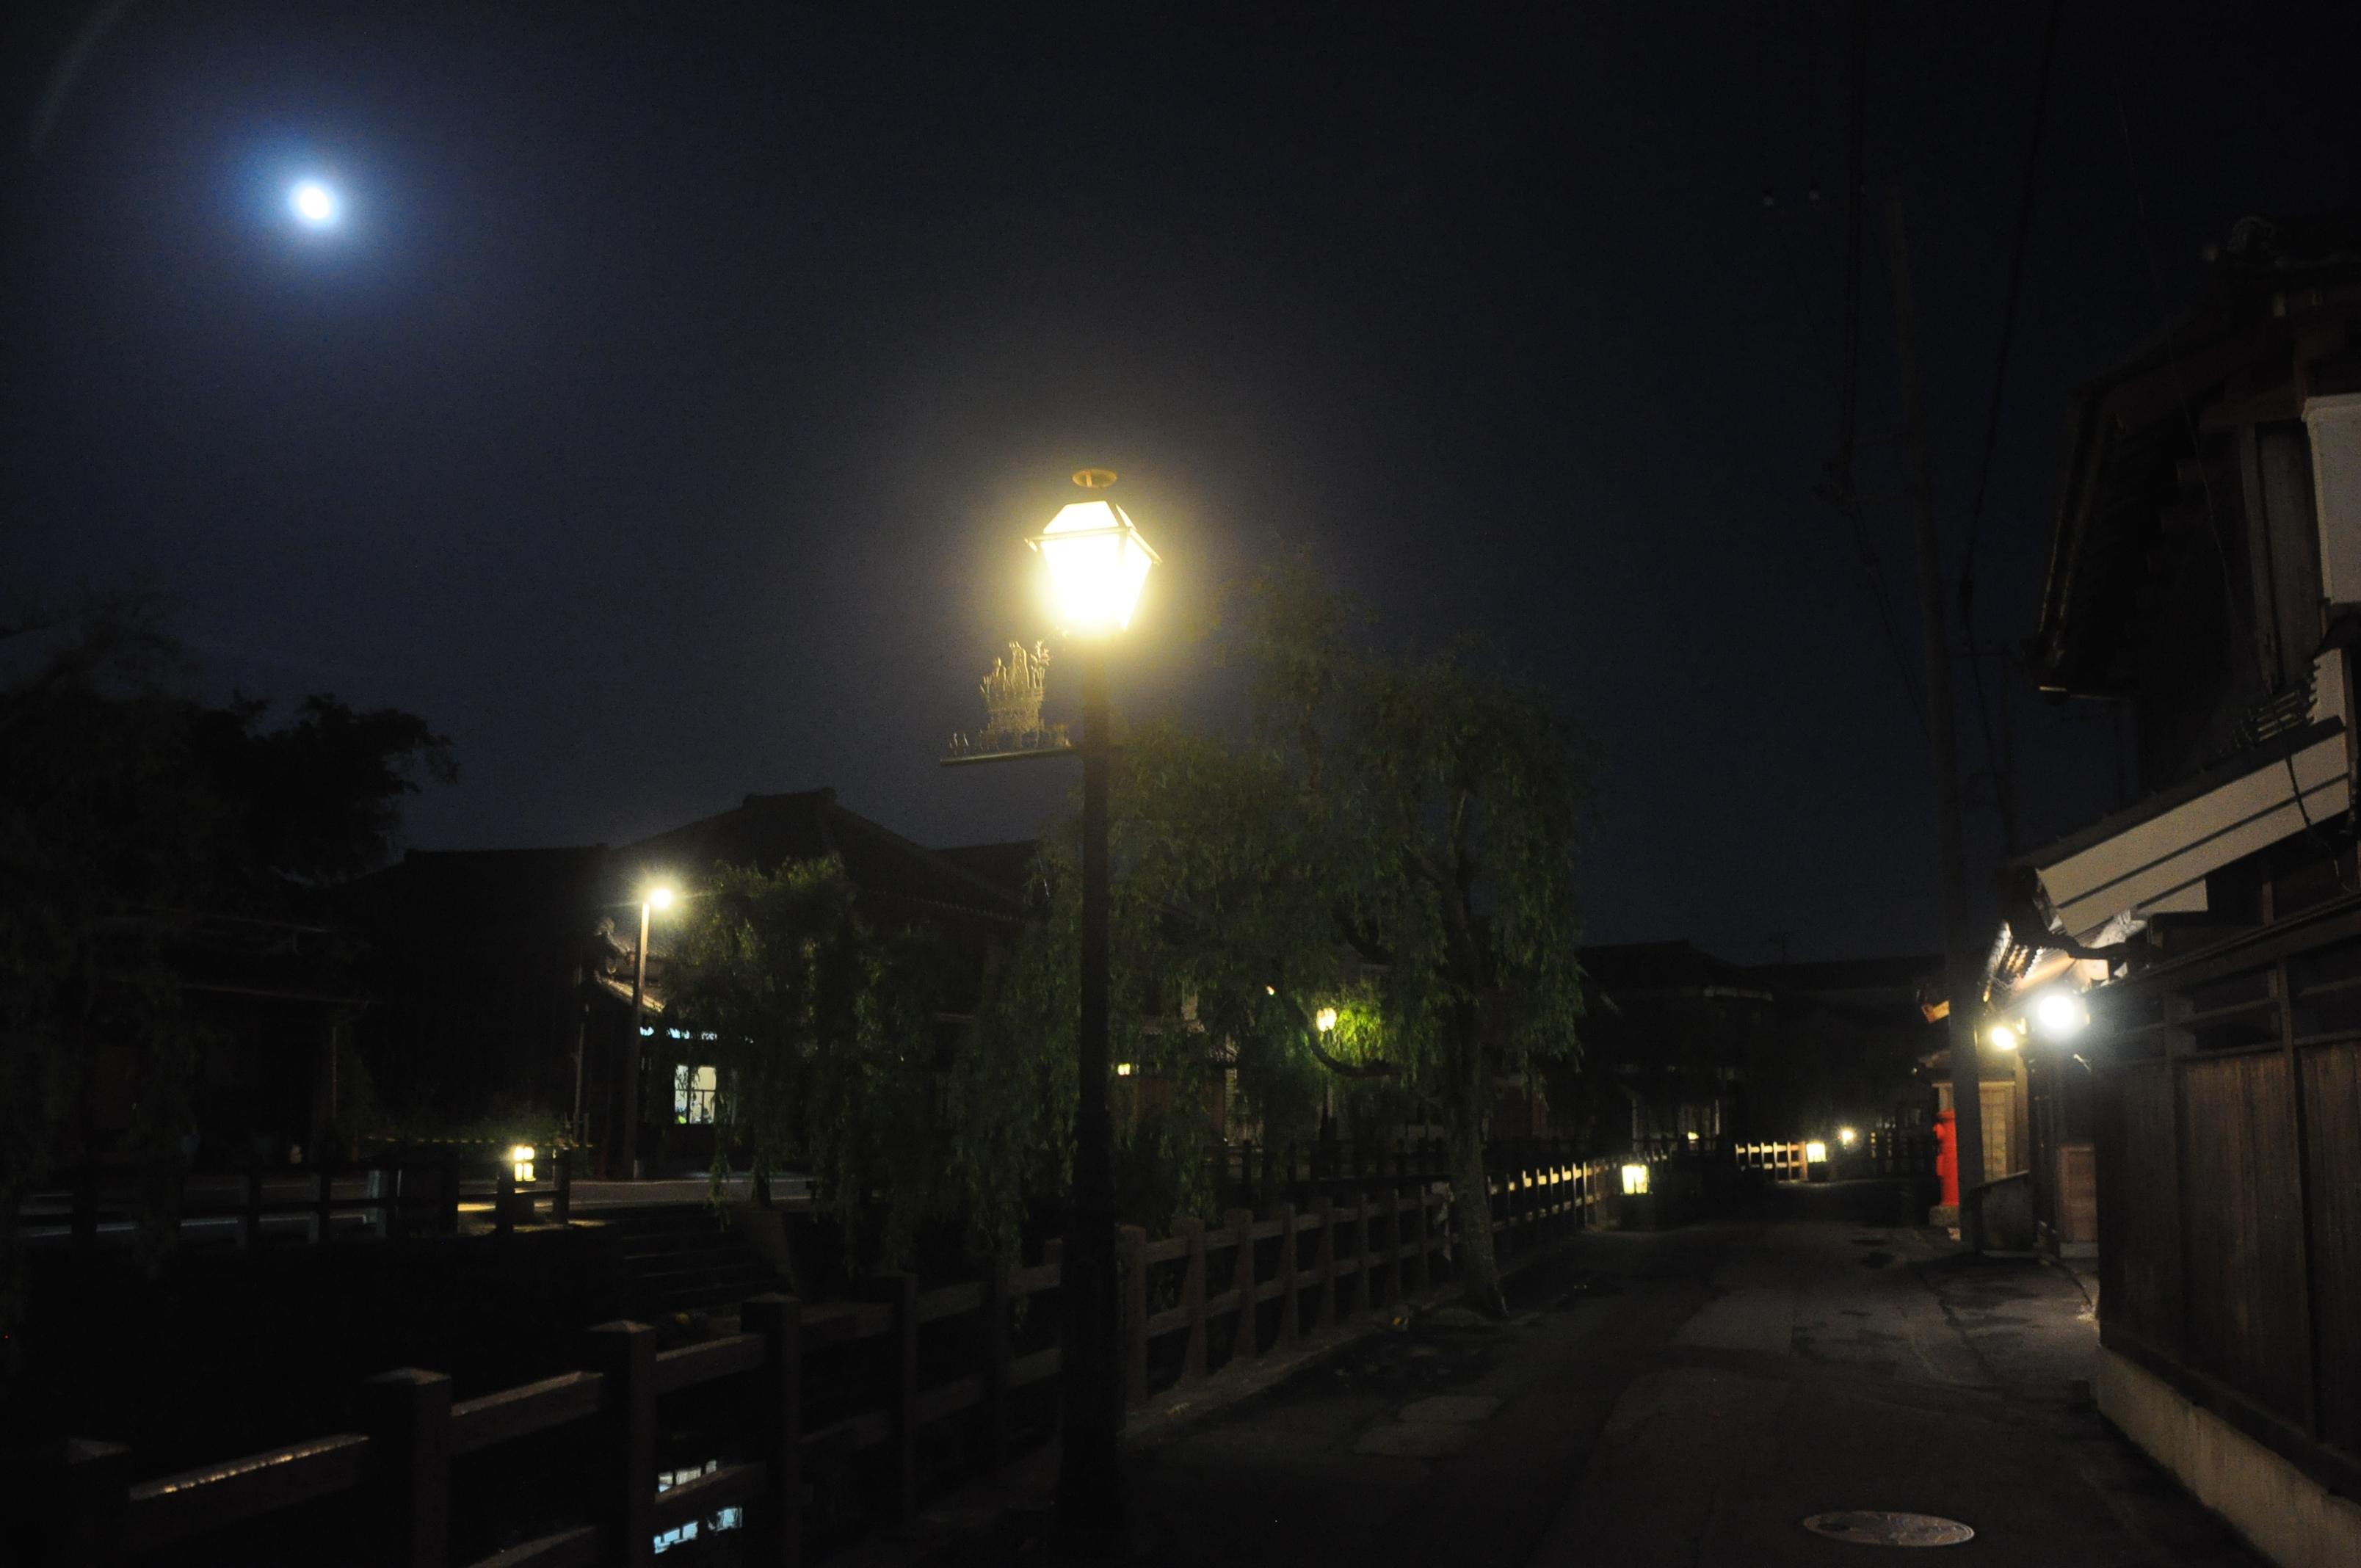 http://ud.t.u-tokyo.ac.jp/blog/_images/DSC_2137.JPG